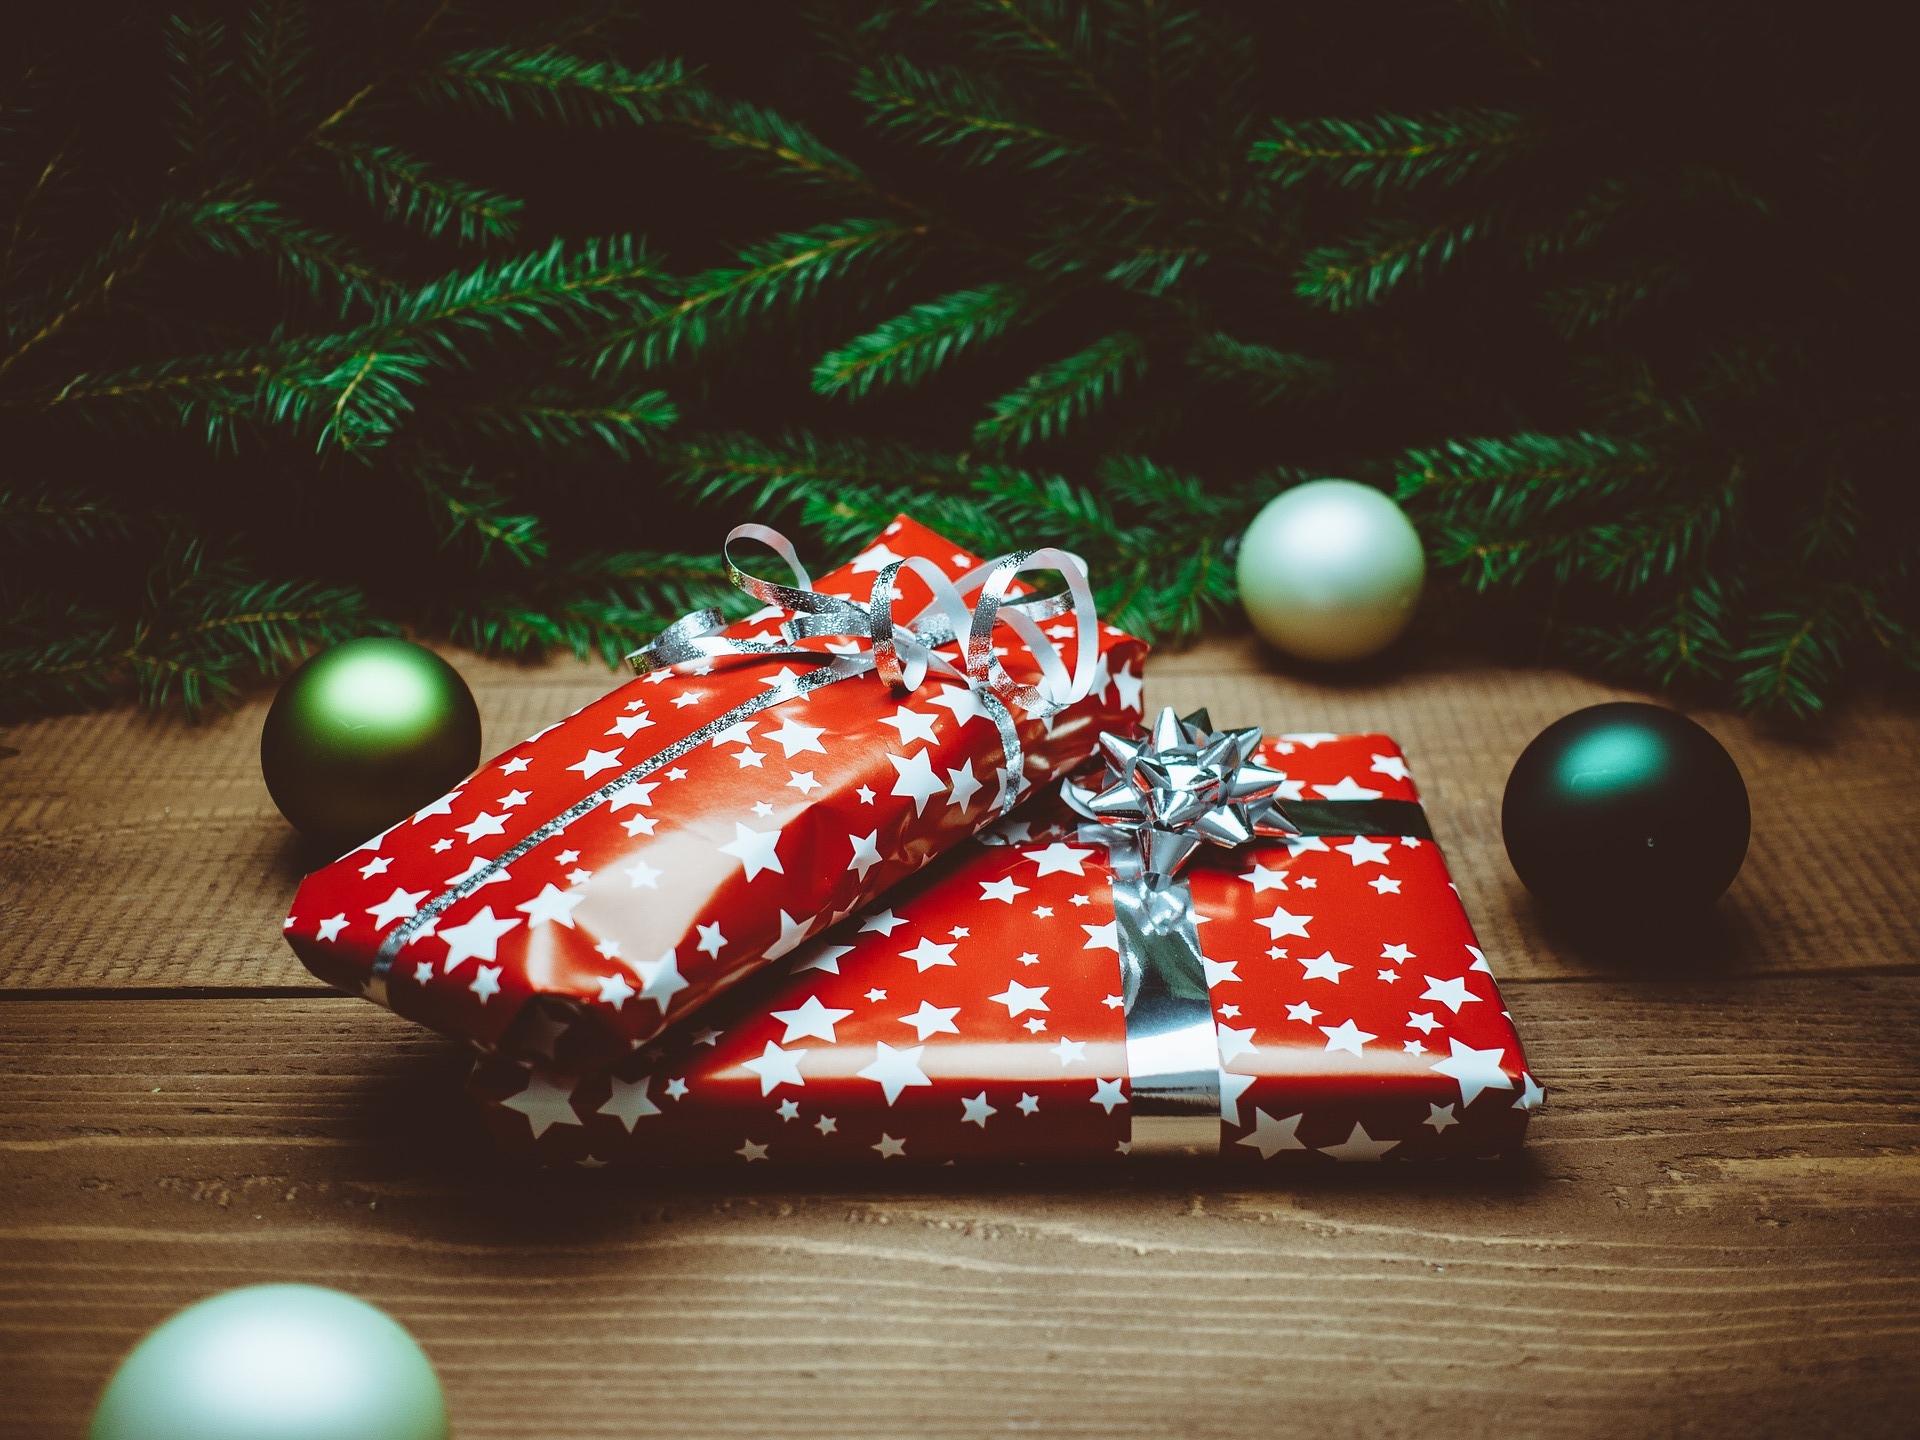 Frohe Weihnachten Gif | Bilder Und Sprüche Für Whatsapp Und bestimmt für Adventsbilder Kostenlos Herunterladen